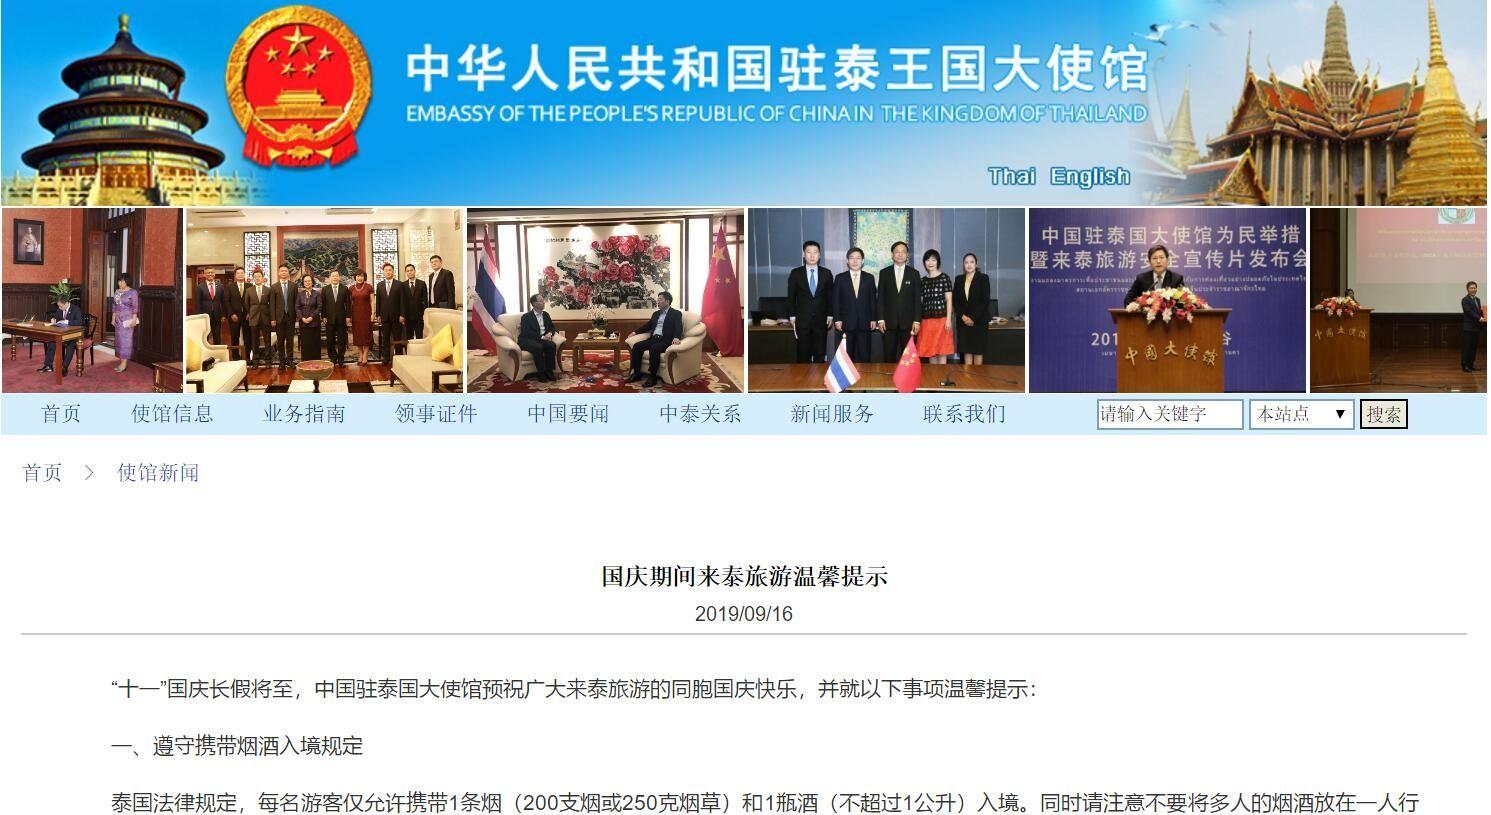 中国驻泰国大使馆提醒国庆期间赴泰游客注意安全